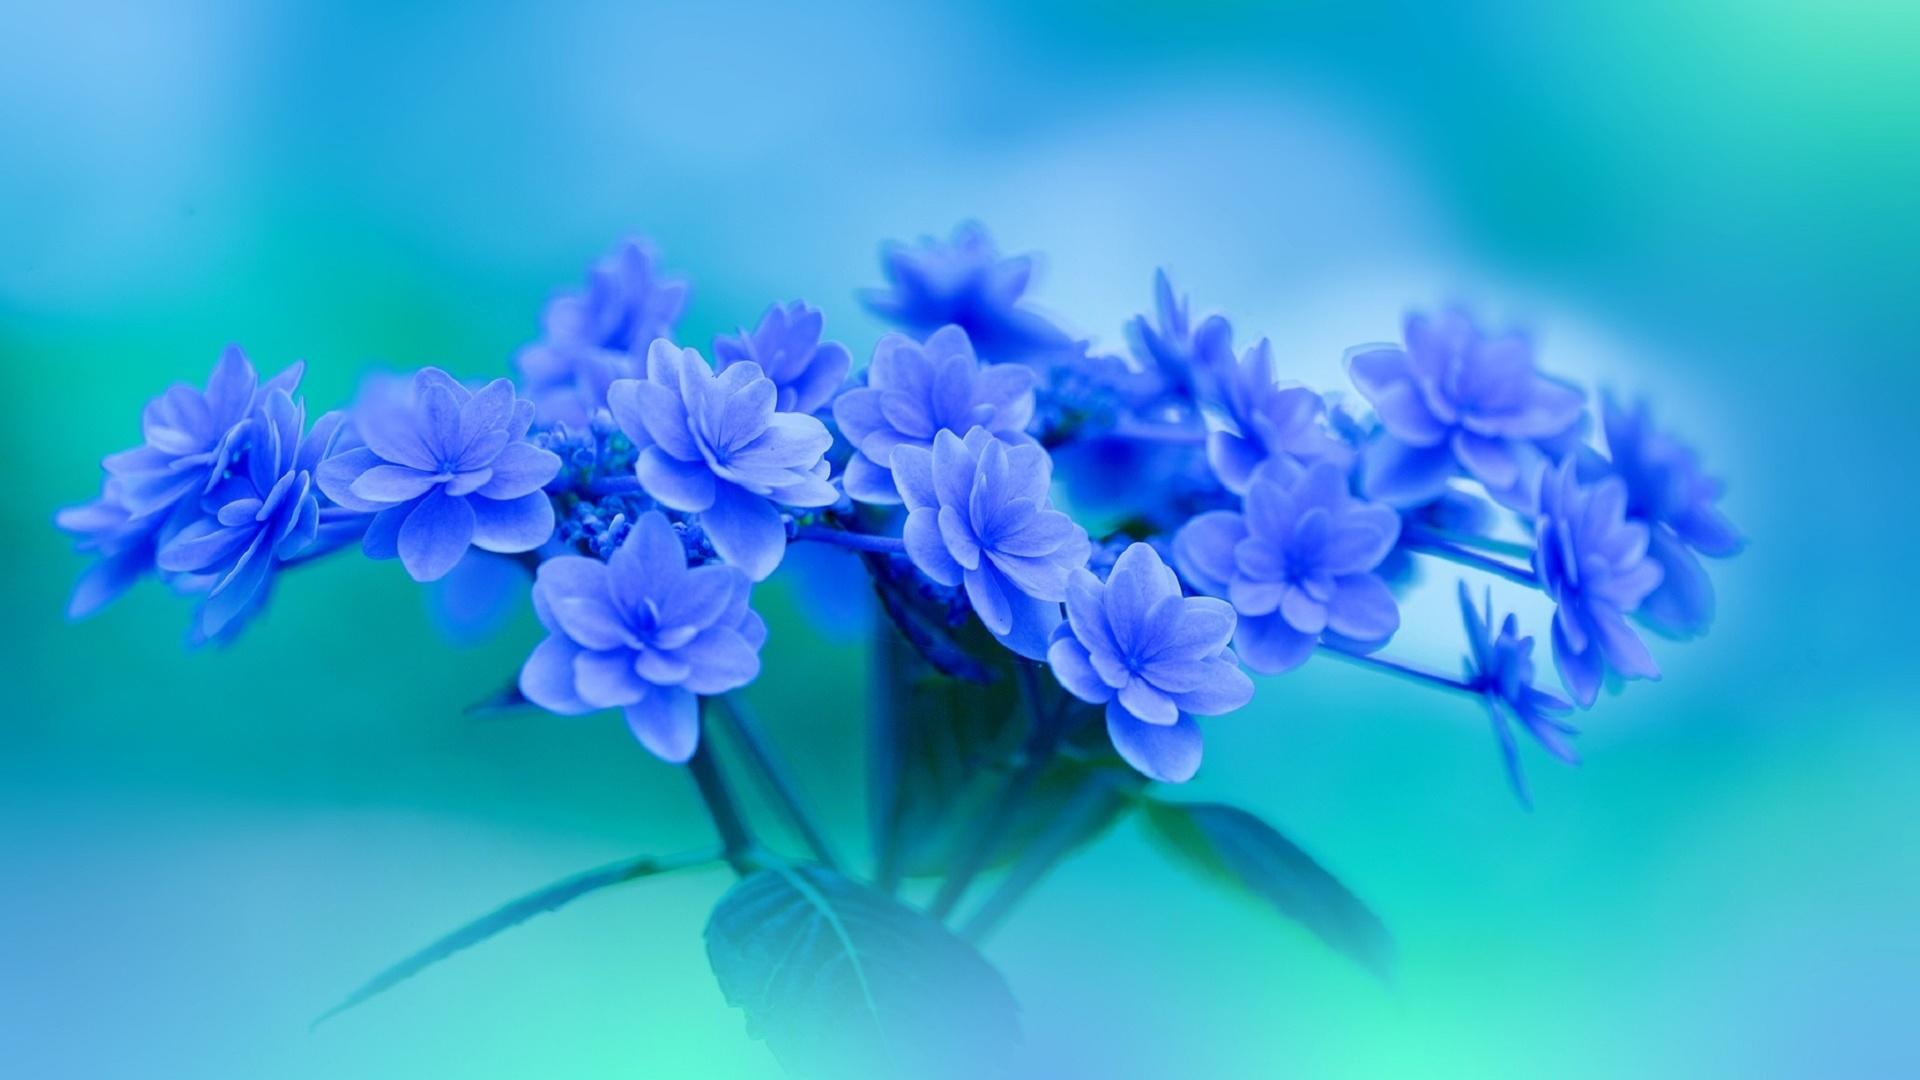 розовые цветы на голубом фоне фото зависимости устройства